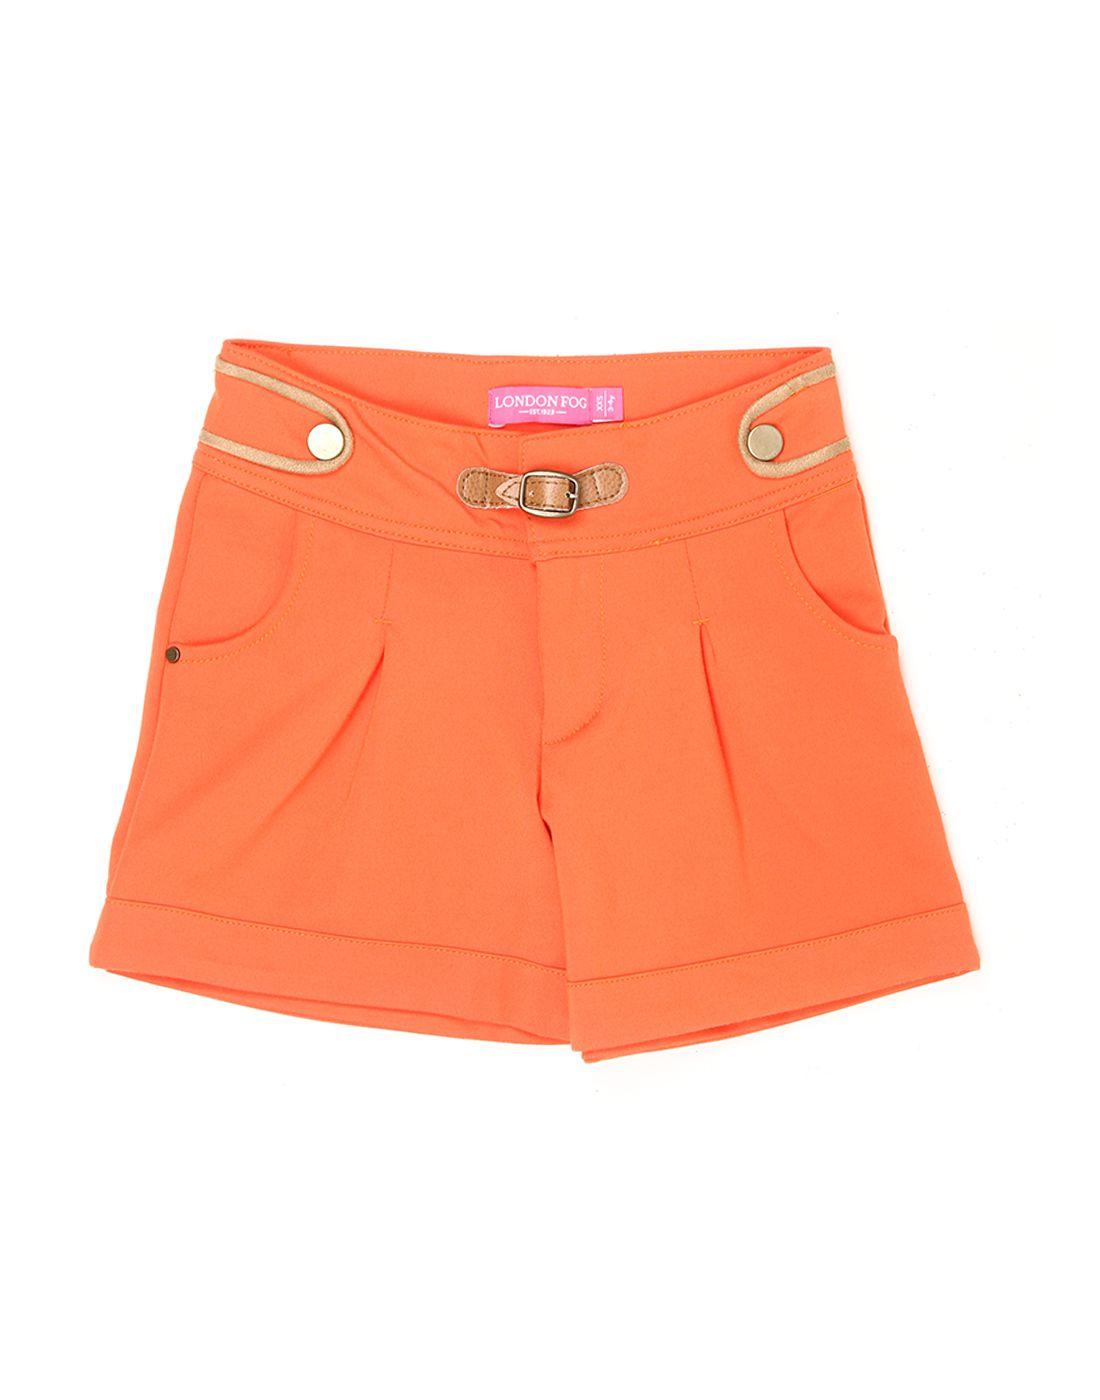 London Fog Girls Orange  Short